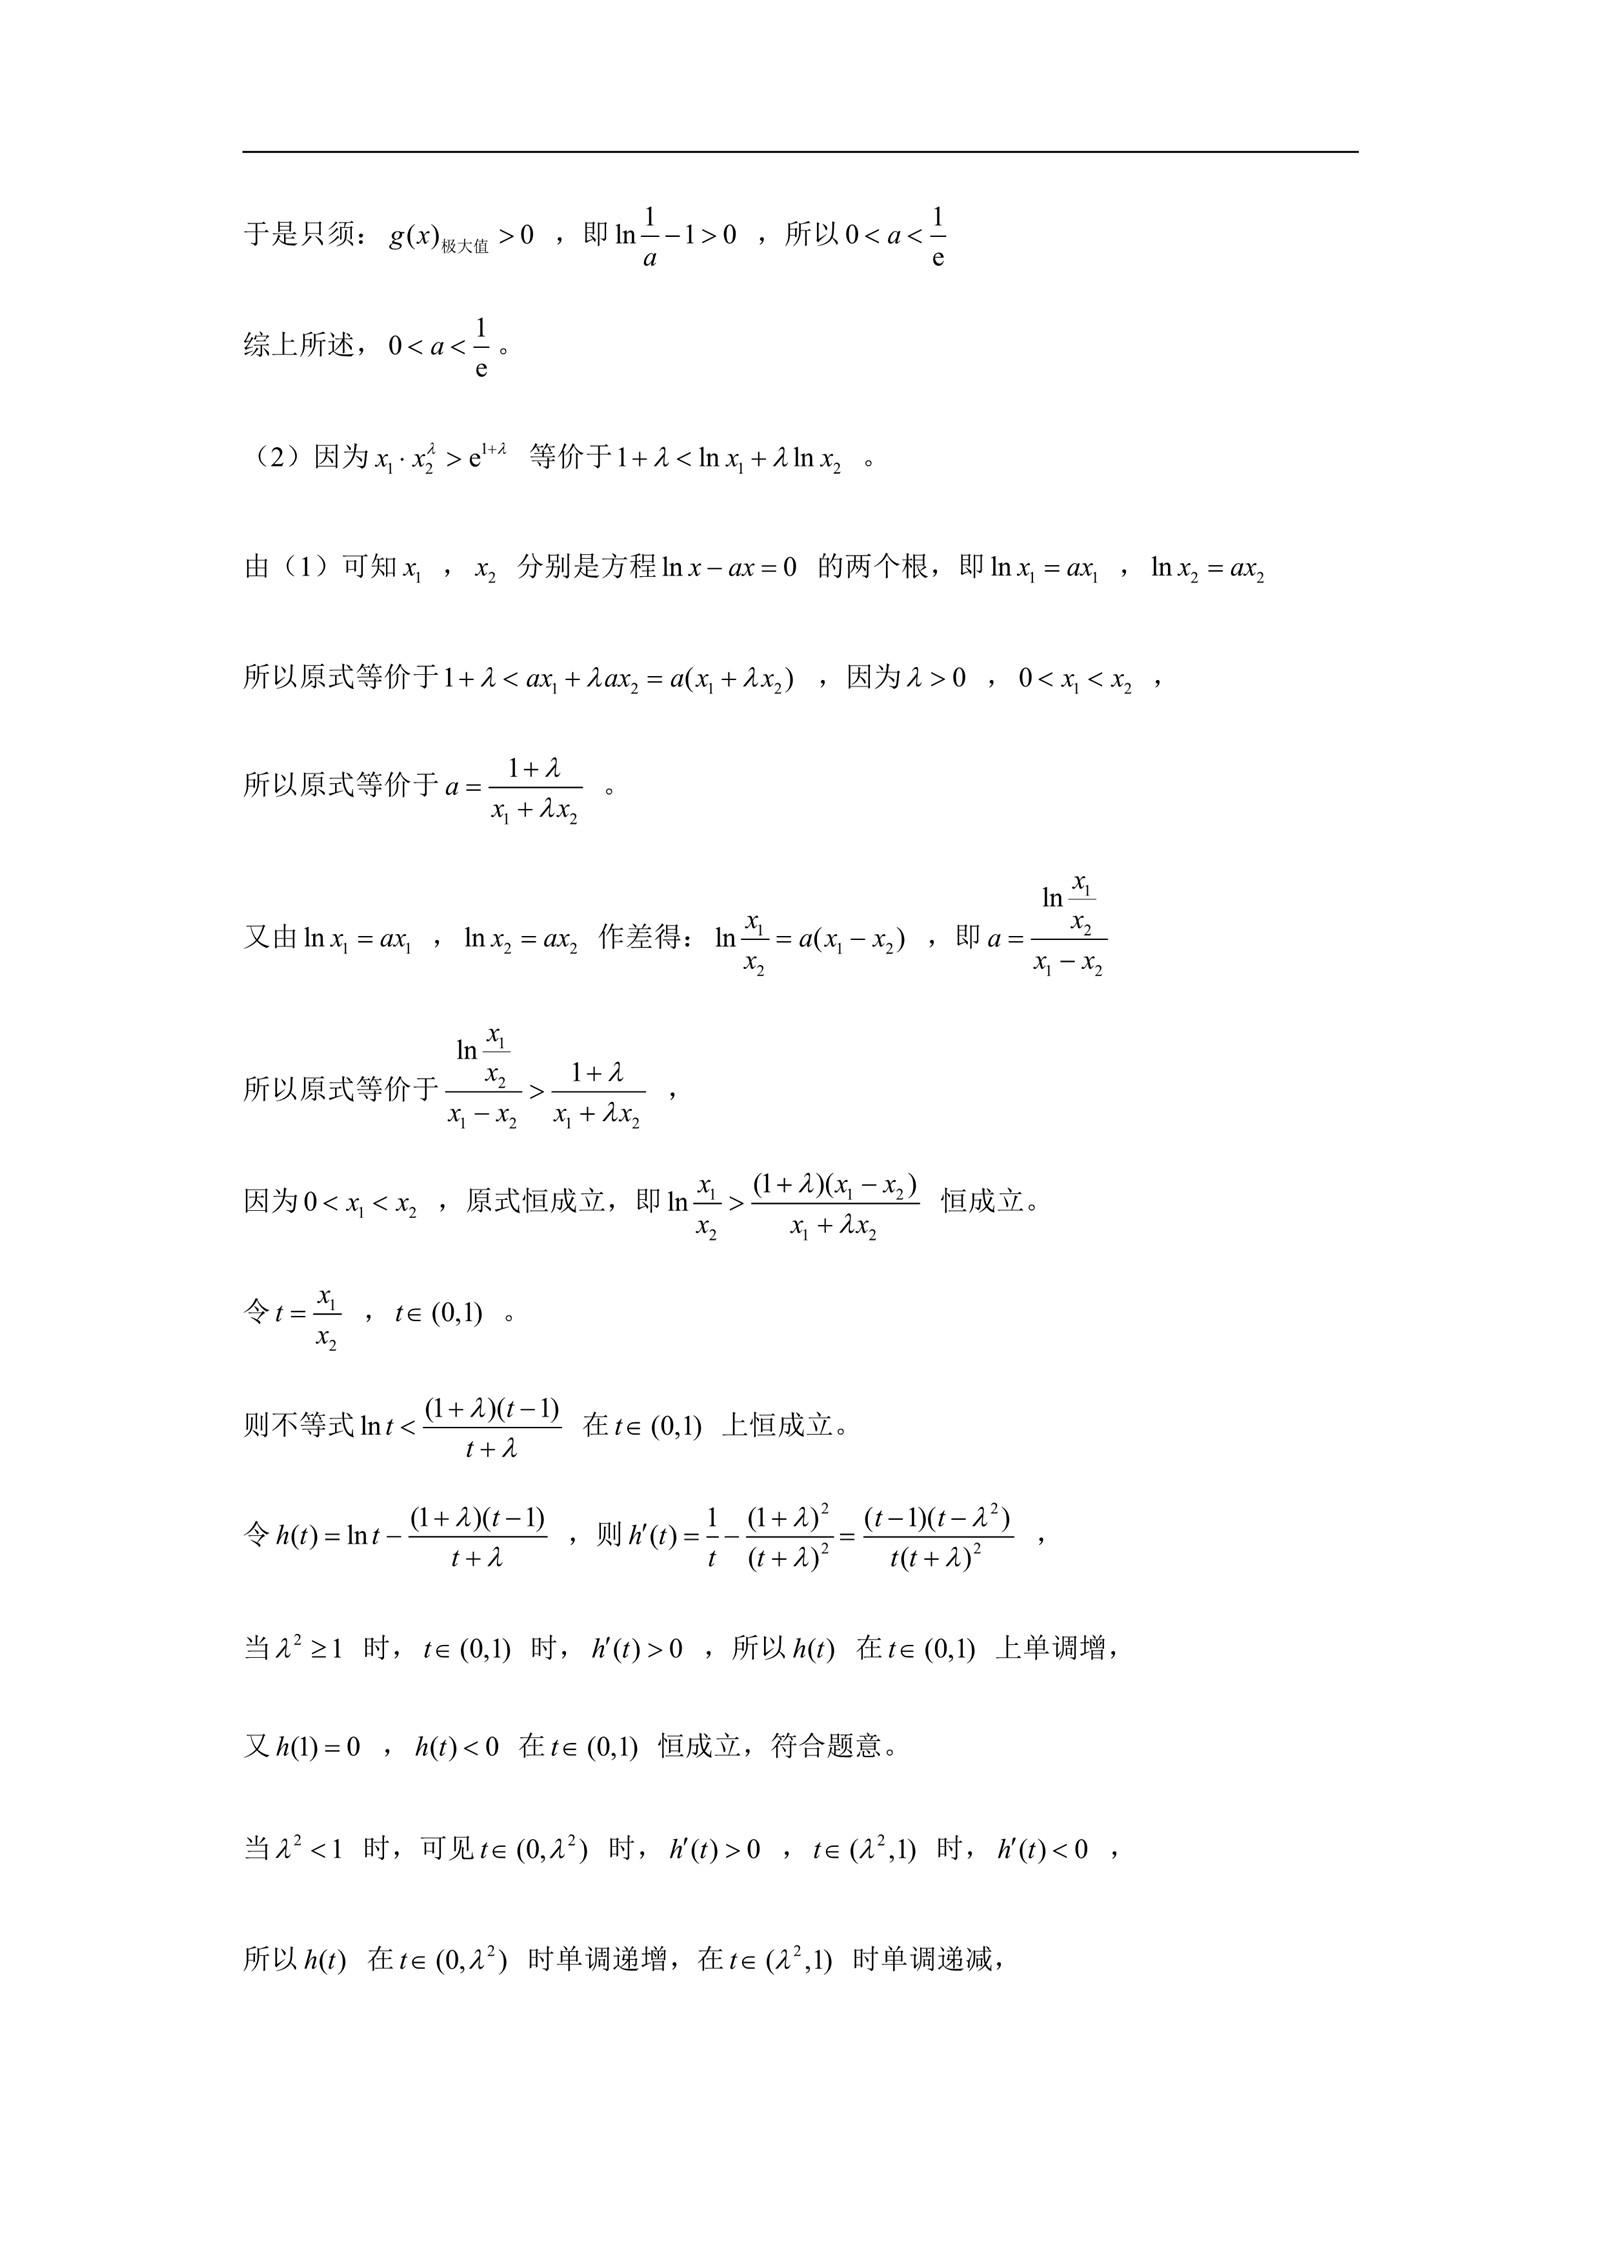 深圳高级中学2018-2019学年高三年级上学期第一次考试数学(理)试卷及答案_12.jpg.jpg